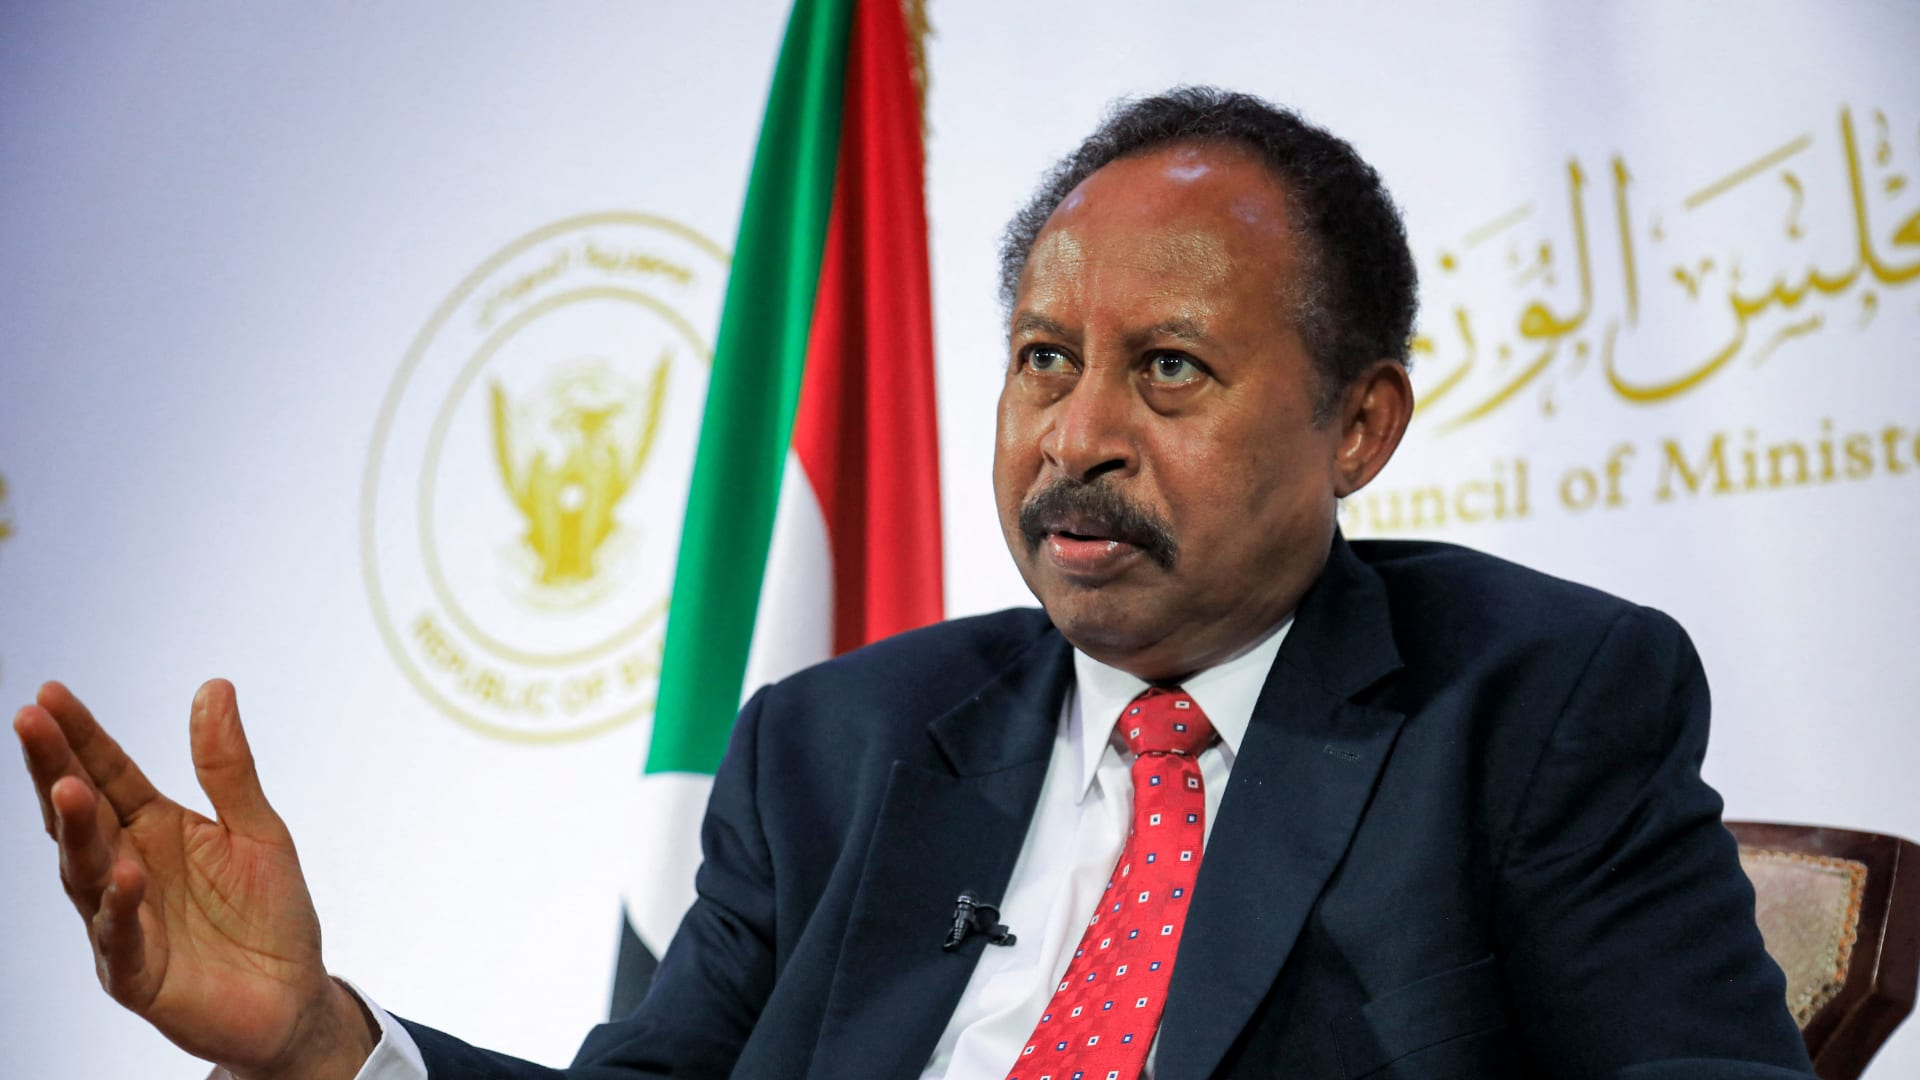 رئيس وزراء السودان: مخططو الانقلاب المعتقلين من الموالين لعمر البشير